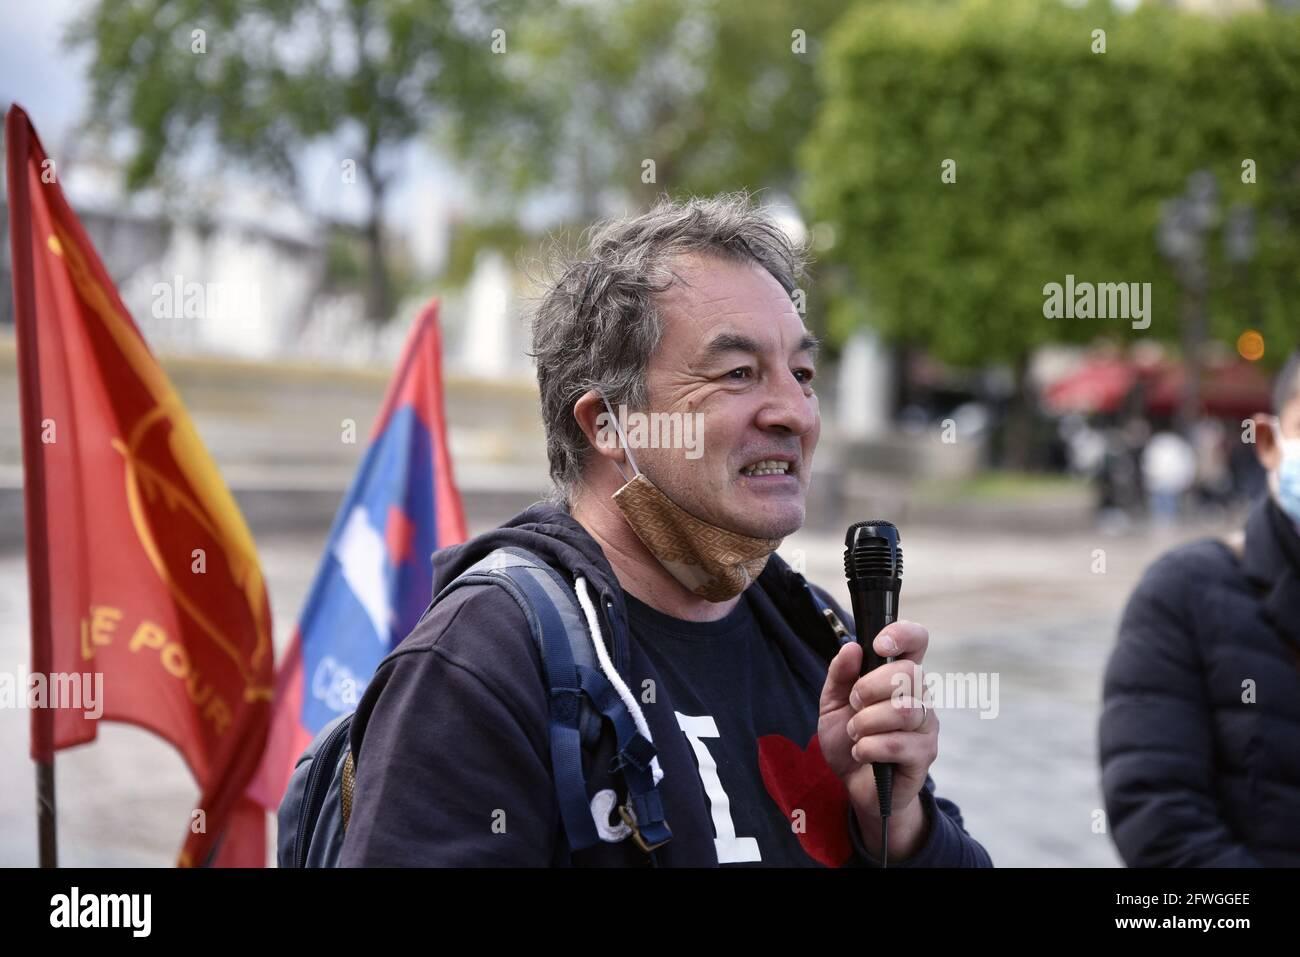 Co-fondateur de l'ONG Green Lotus, Jean-Marc Brulé lors du rassemblement pour une démocratie au Myanmar et contre le coup d'État militaire, à l'Hôtel de ville à Paris, France, le 22 mai 2021. Photo de Patrice Pierrot/avenir Pictures/ABACAPRESS.COM Banque D'Images